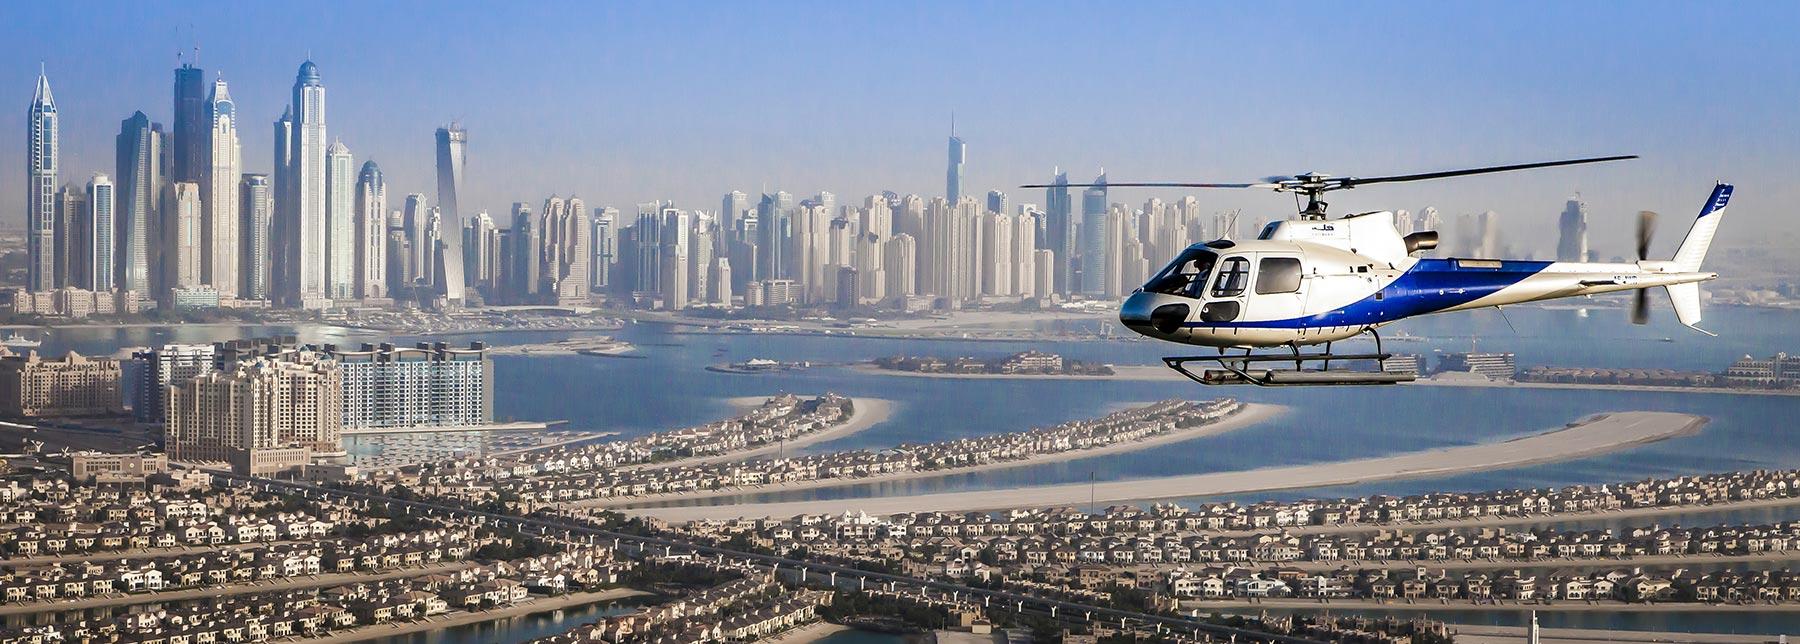 Dubai-Helicopter-Tour